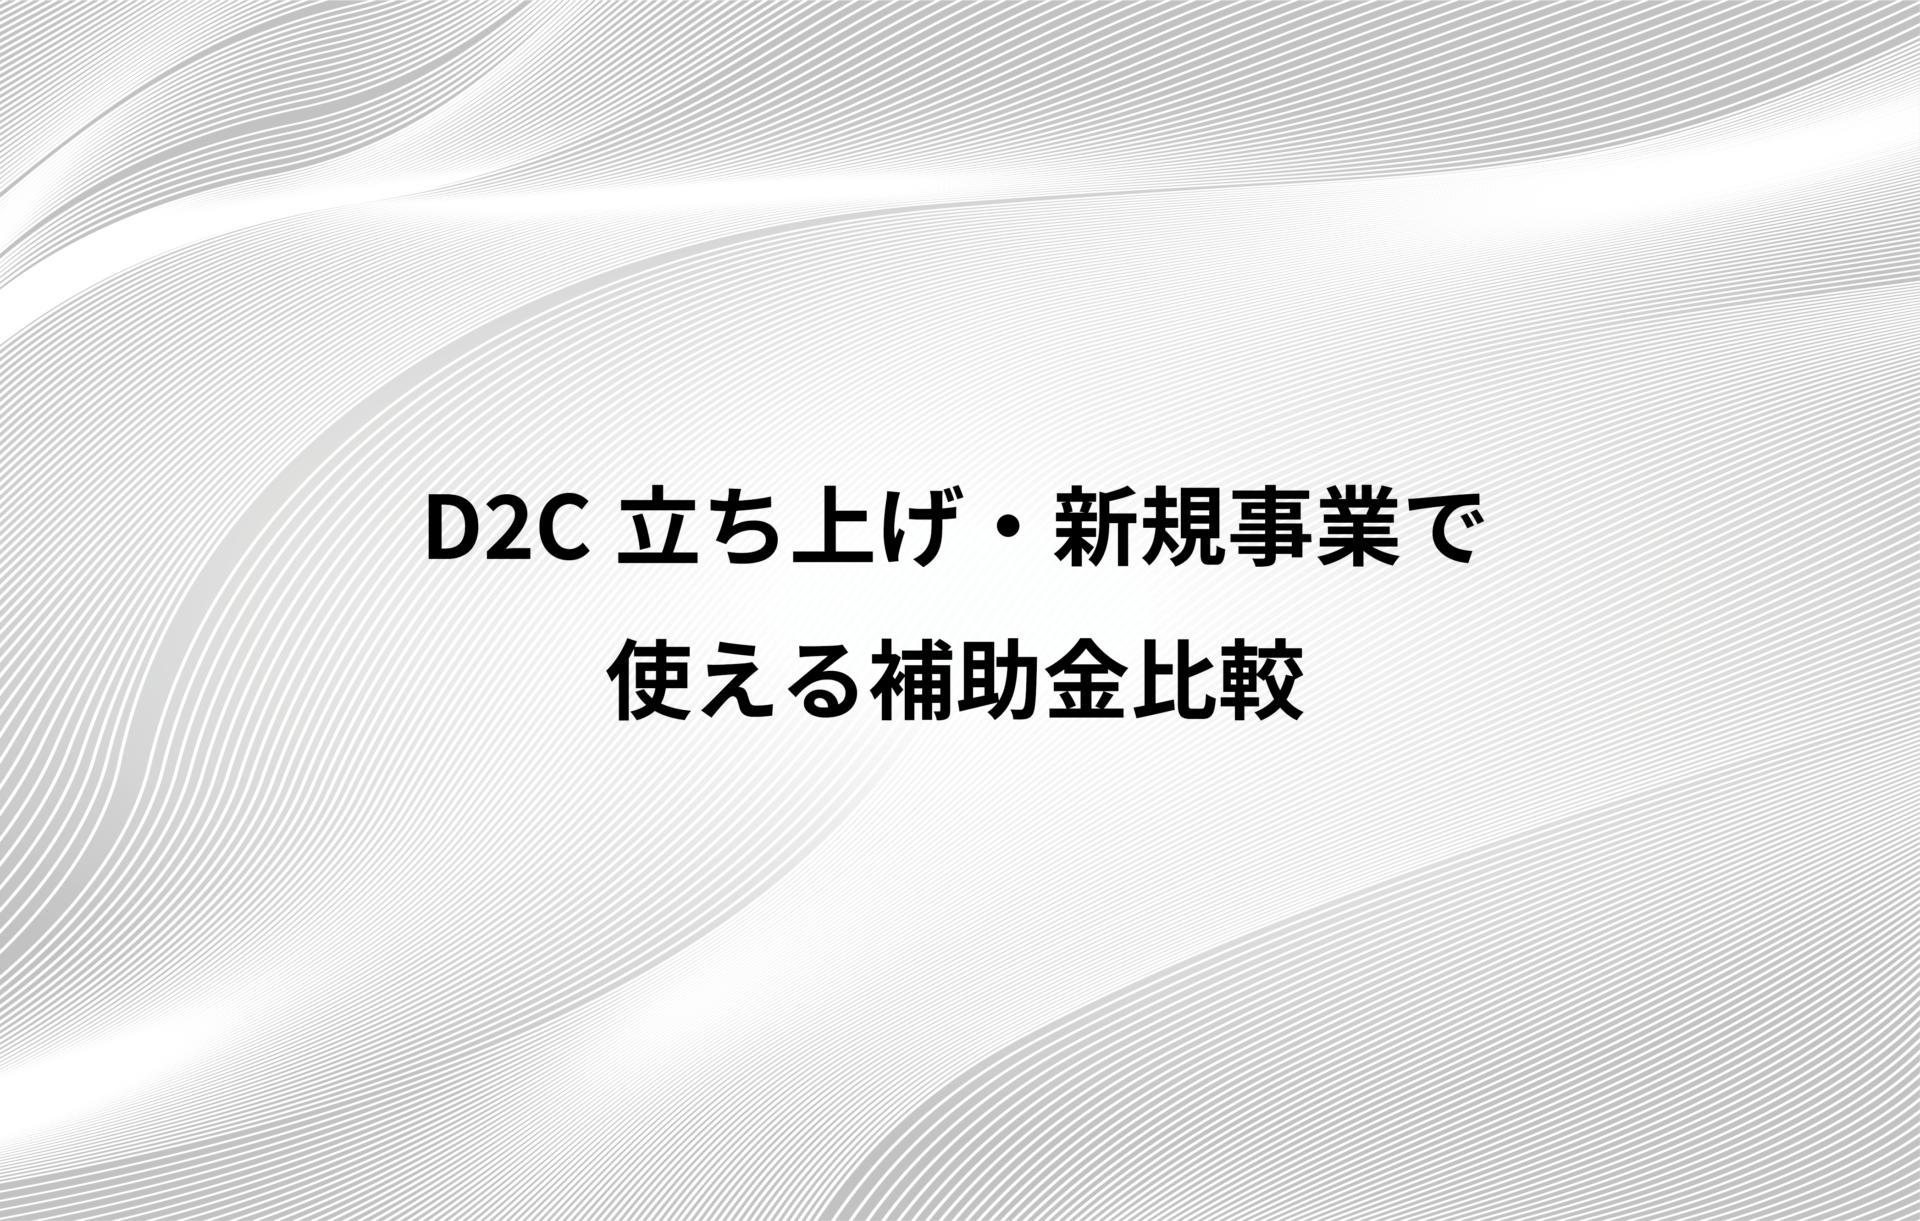 D2C立ち上げ・新規事業で使える補助金比較